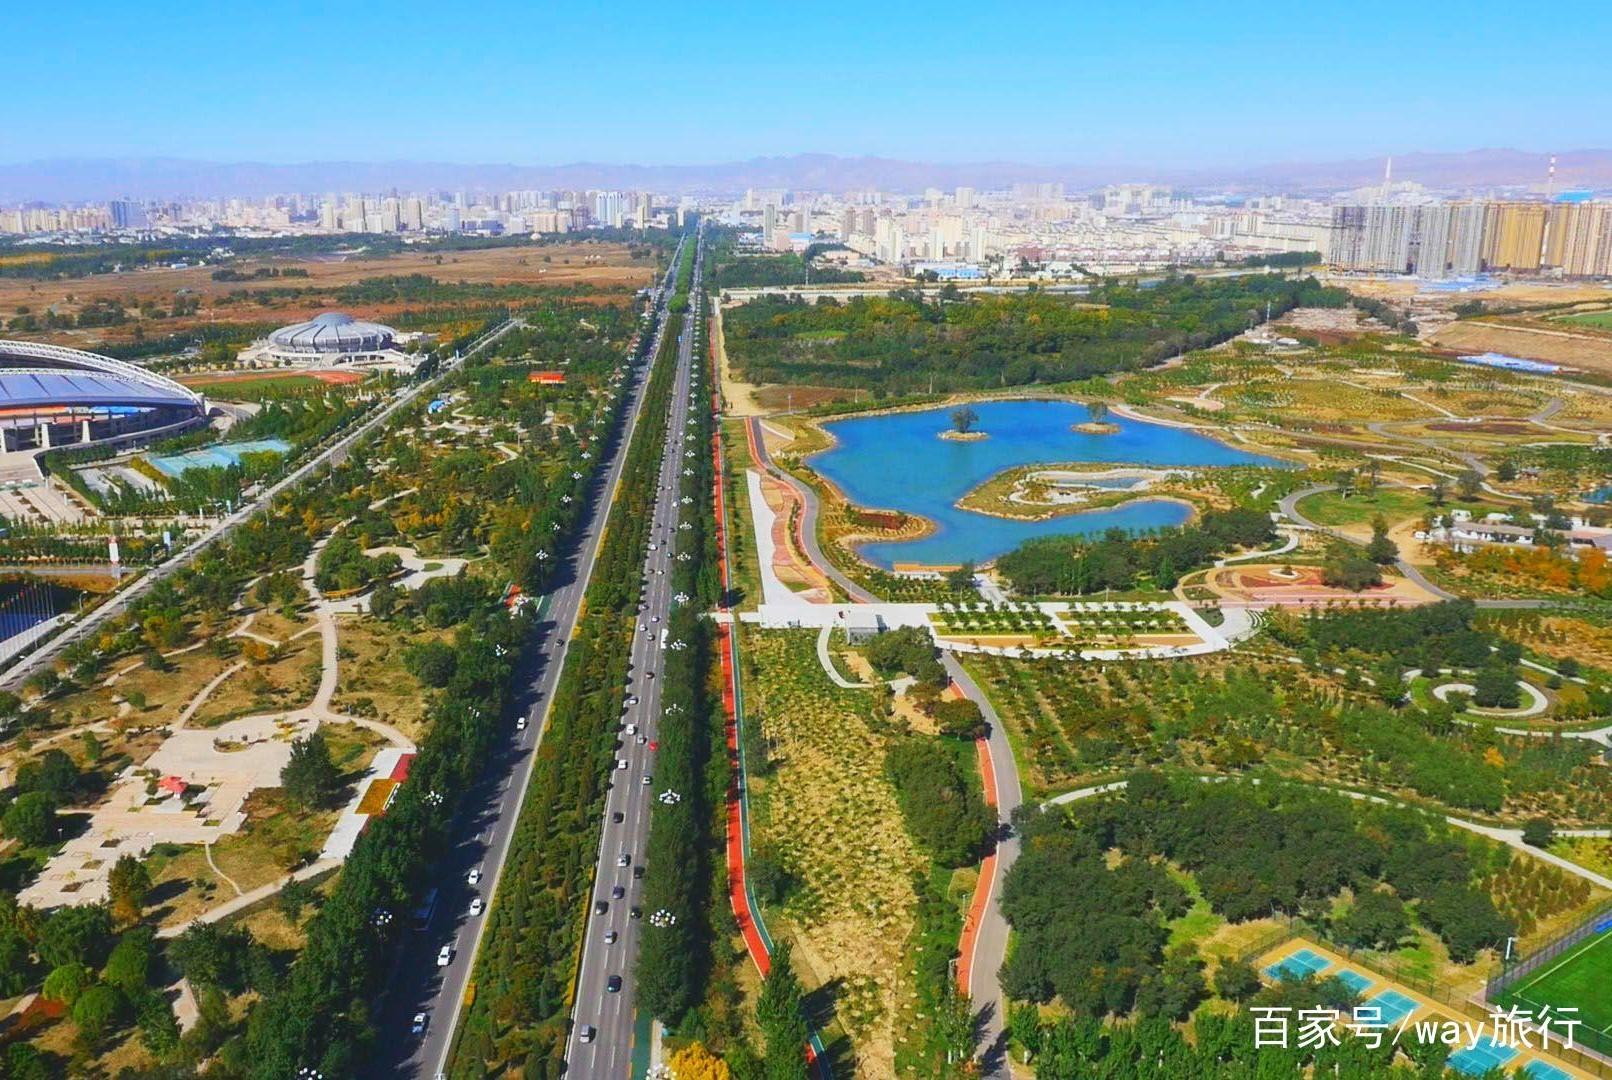 中国最霸气的城市,因为改名后太俗气,被认为是三流城市